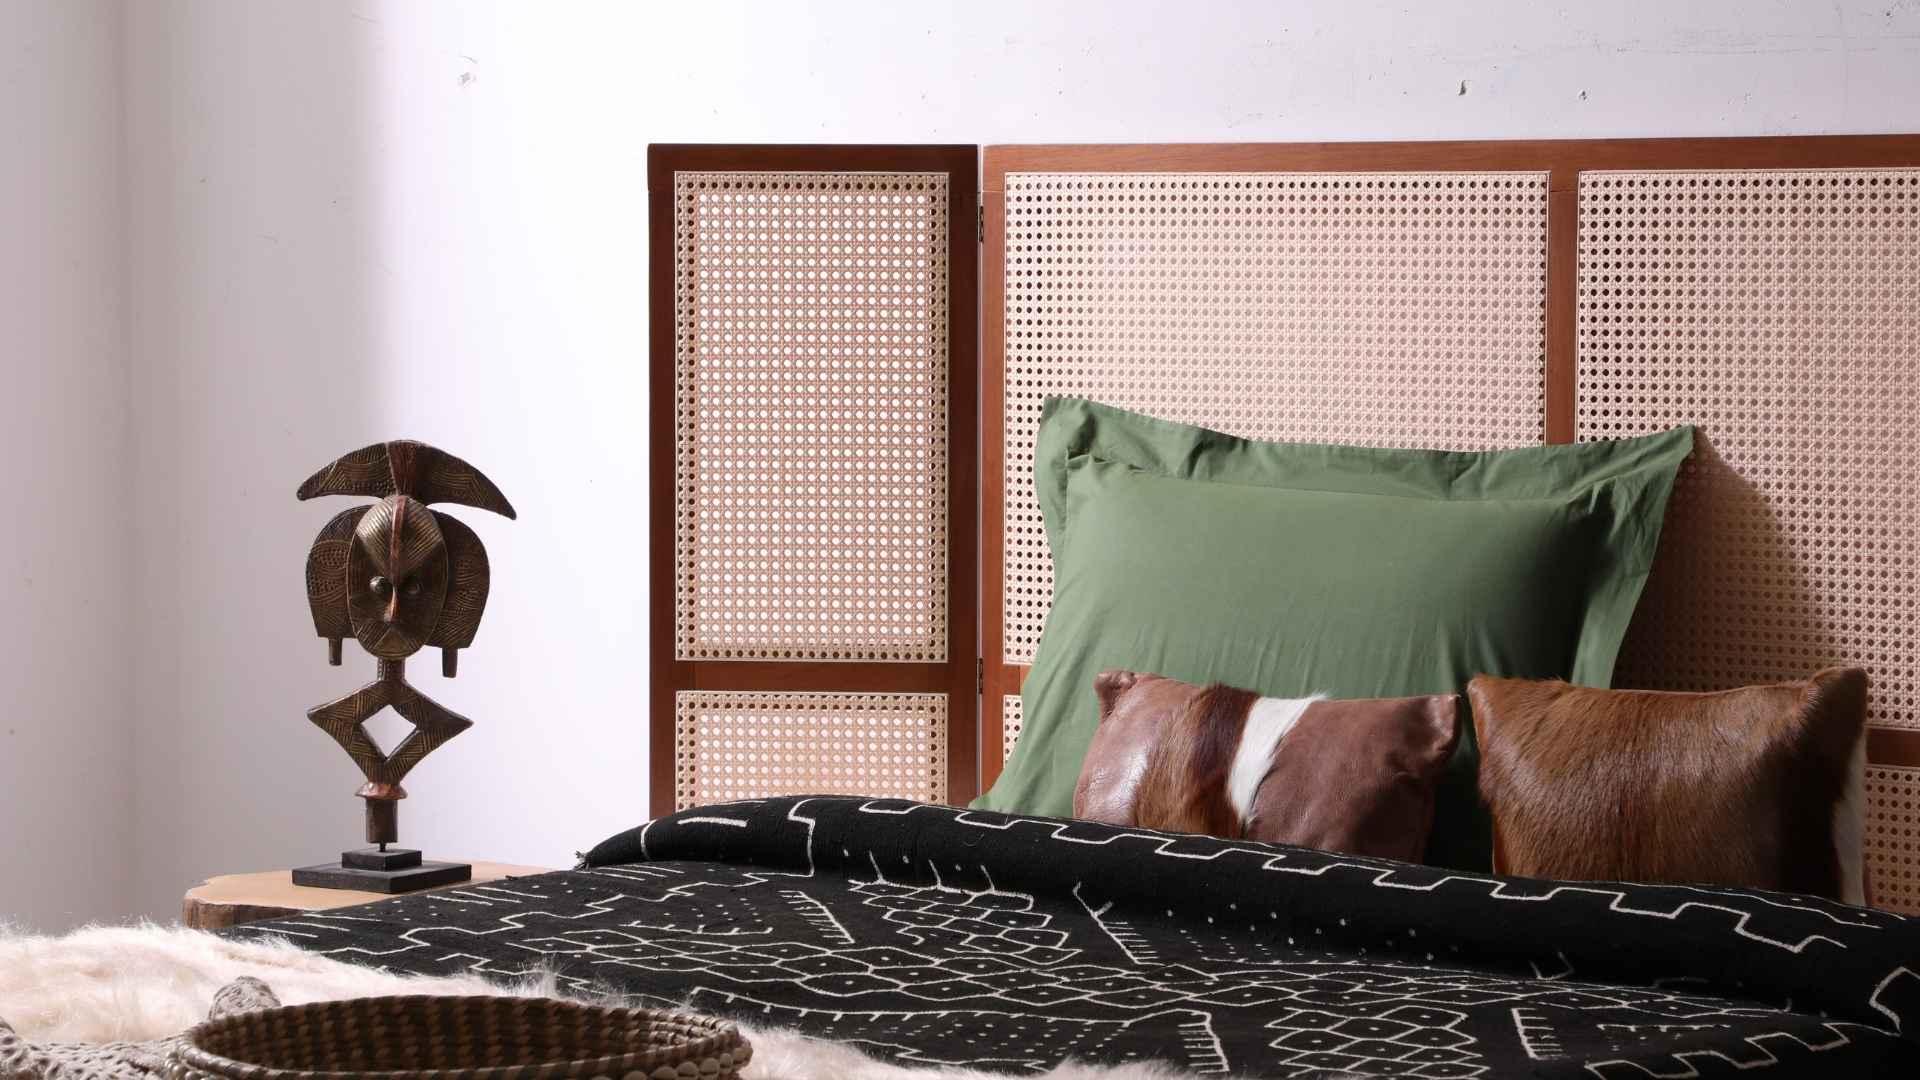 Cabeceira de madeira e palinha, travesseiros e cama arrumada com uma roupa de cama étnica, na mesinha de cabeceira tem um adorno decorativo | westwing.com.br